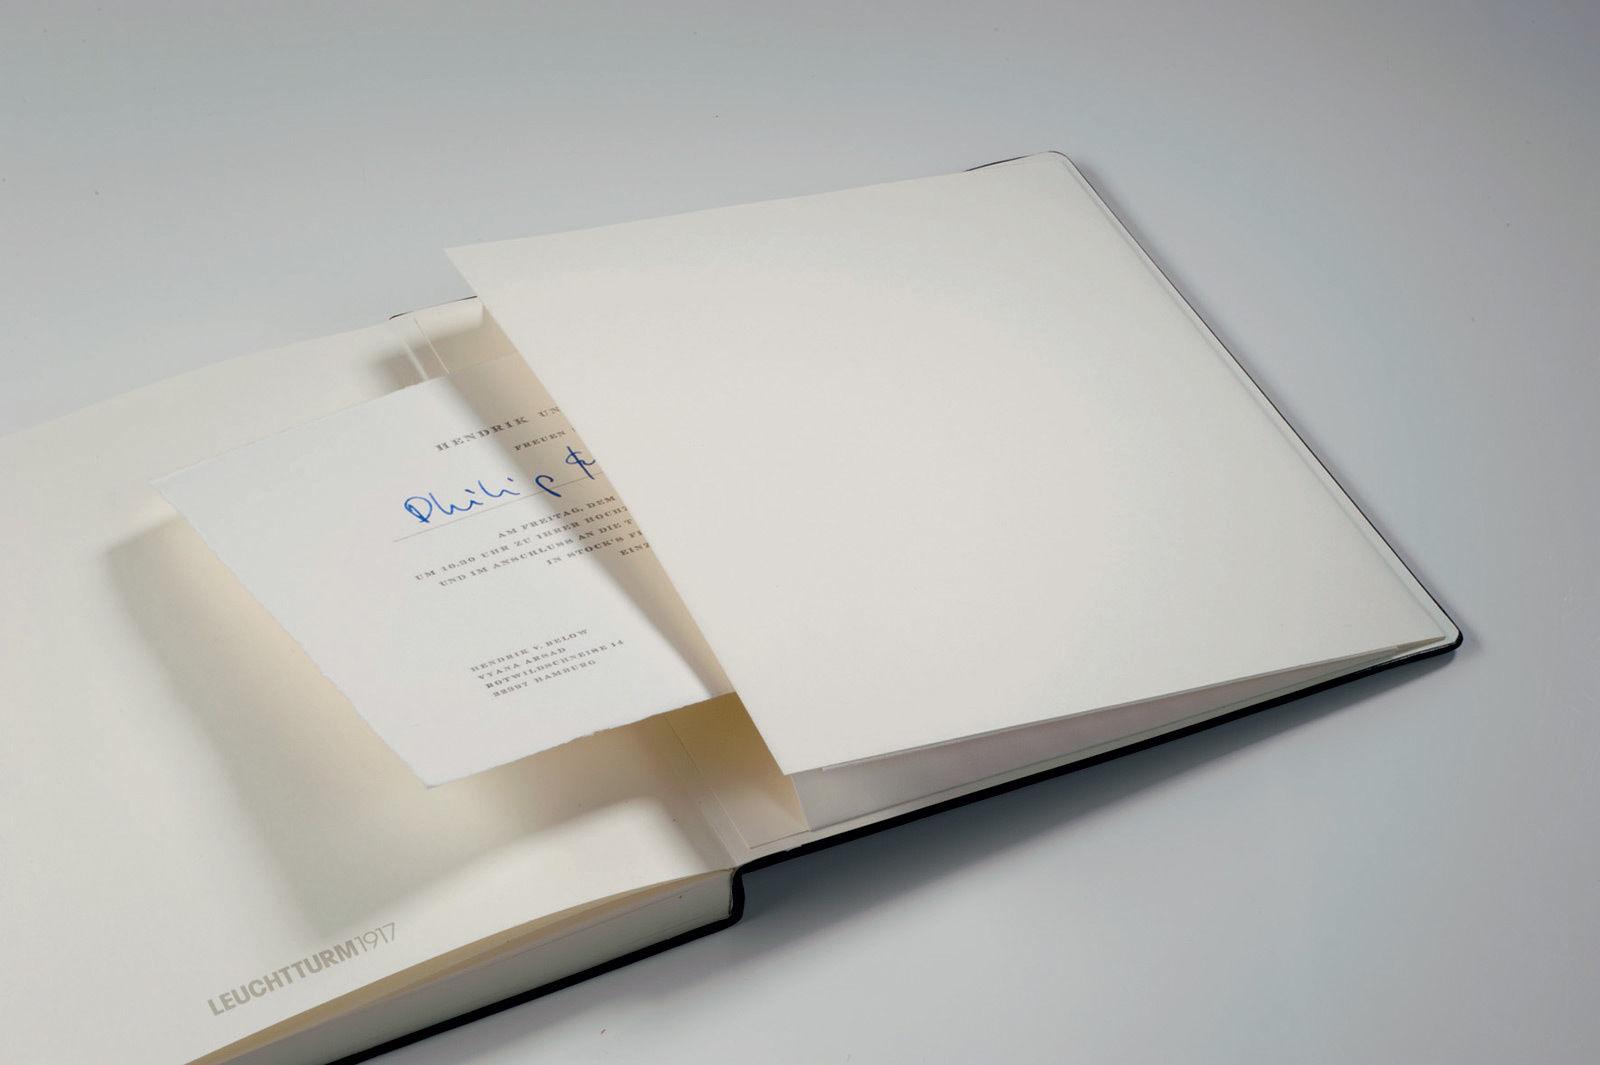 Leuchtturm1917-A5-Bullet-Journal-Hardback-Dotted-Notebook-Black-Emerald-Green-152417817170-6